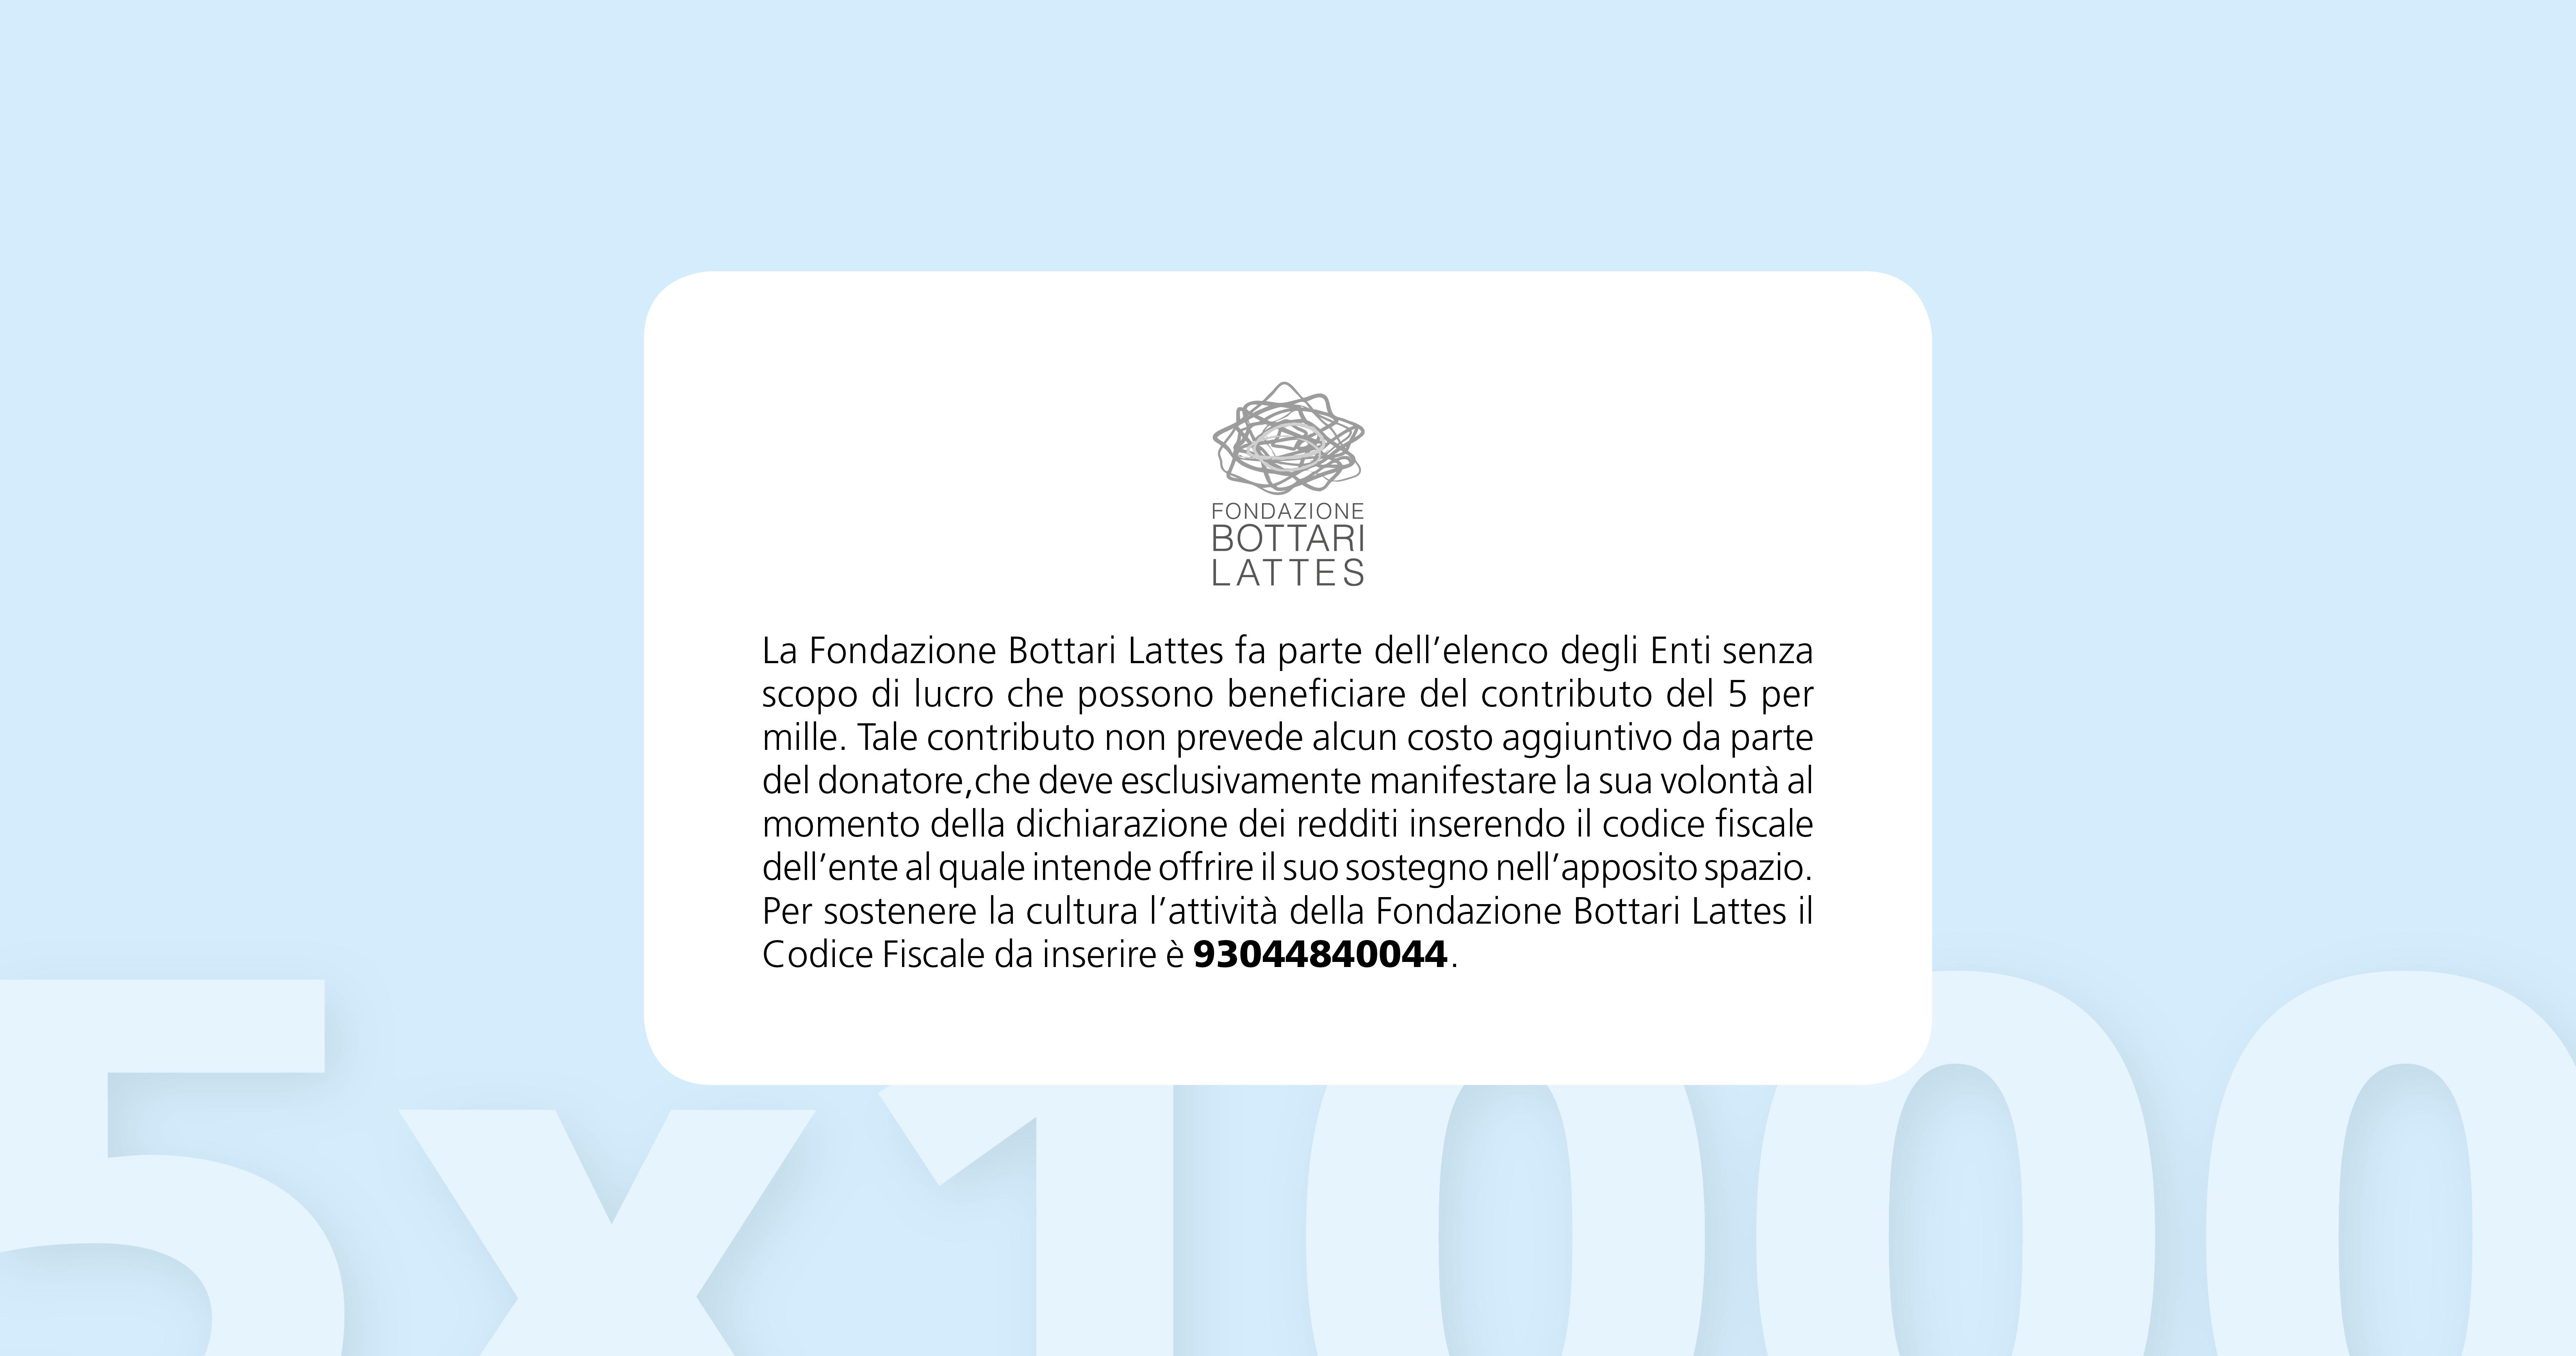 Con il tuo 5 x 1000 sostieni le attività della Fondazione Bottari Lattes